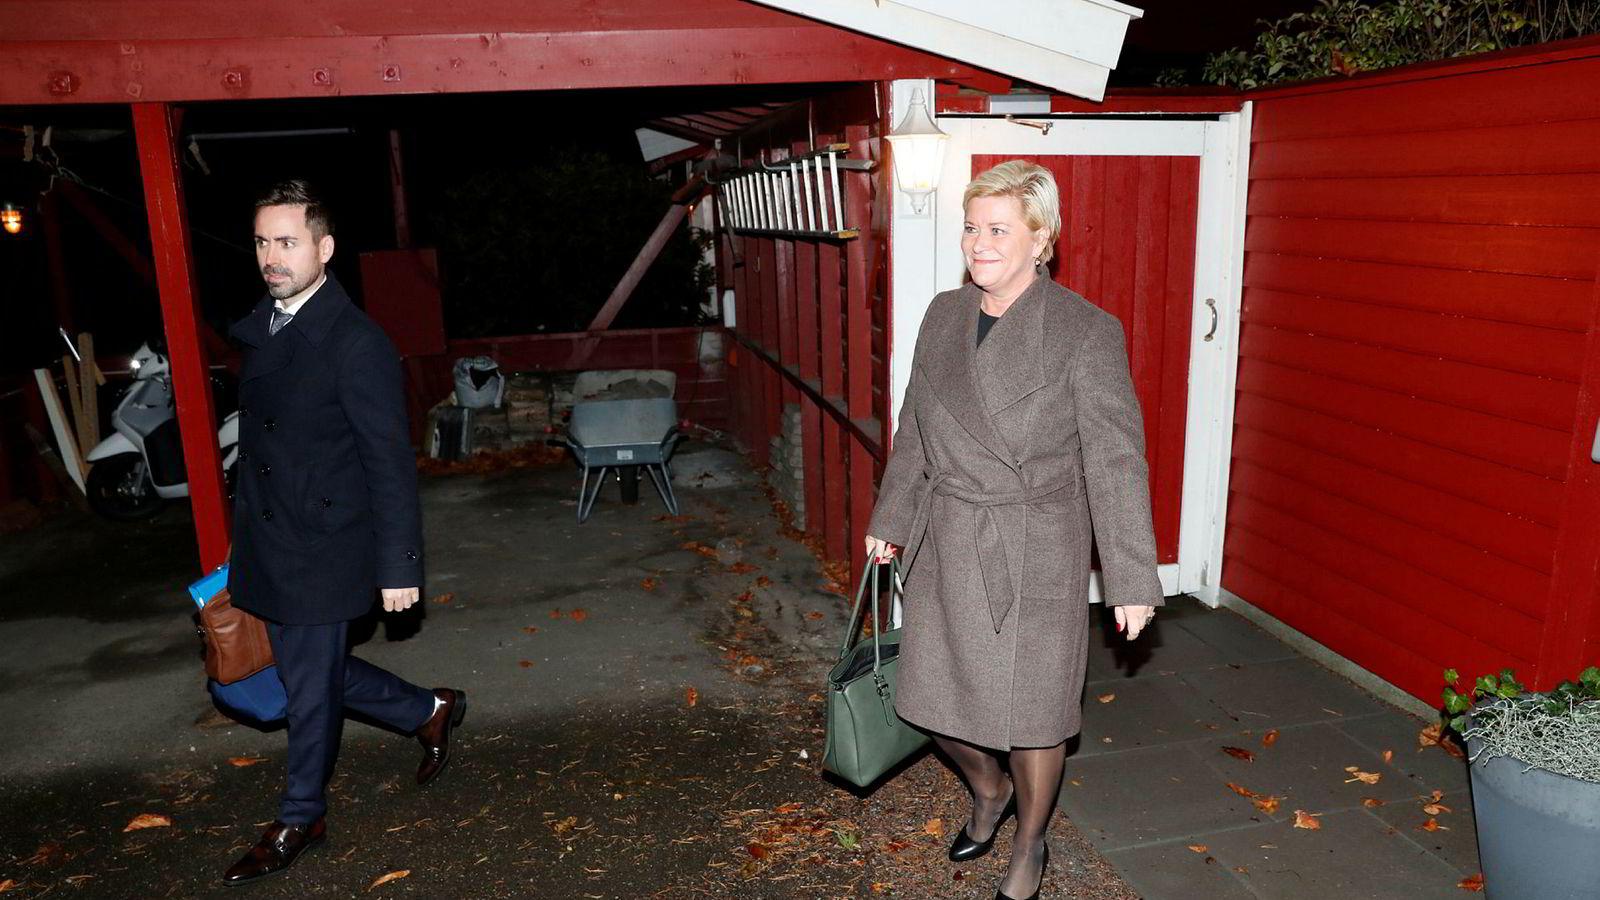 Finansminister Siv Jensen utenfor sin bolig i Oslo mandag morgen, på vei til jobb for legge frem neste års statsbudsjett.